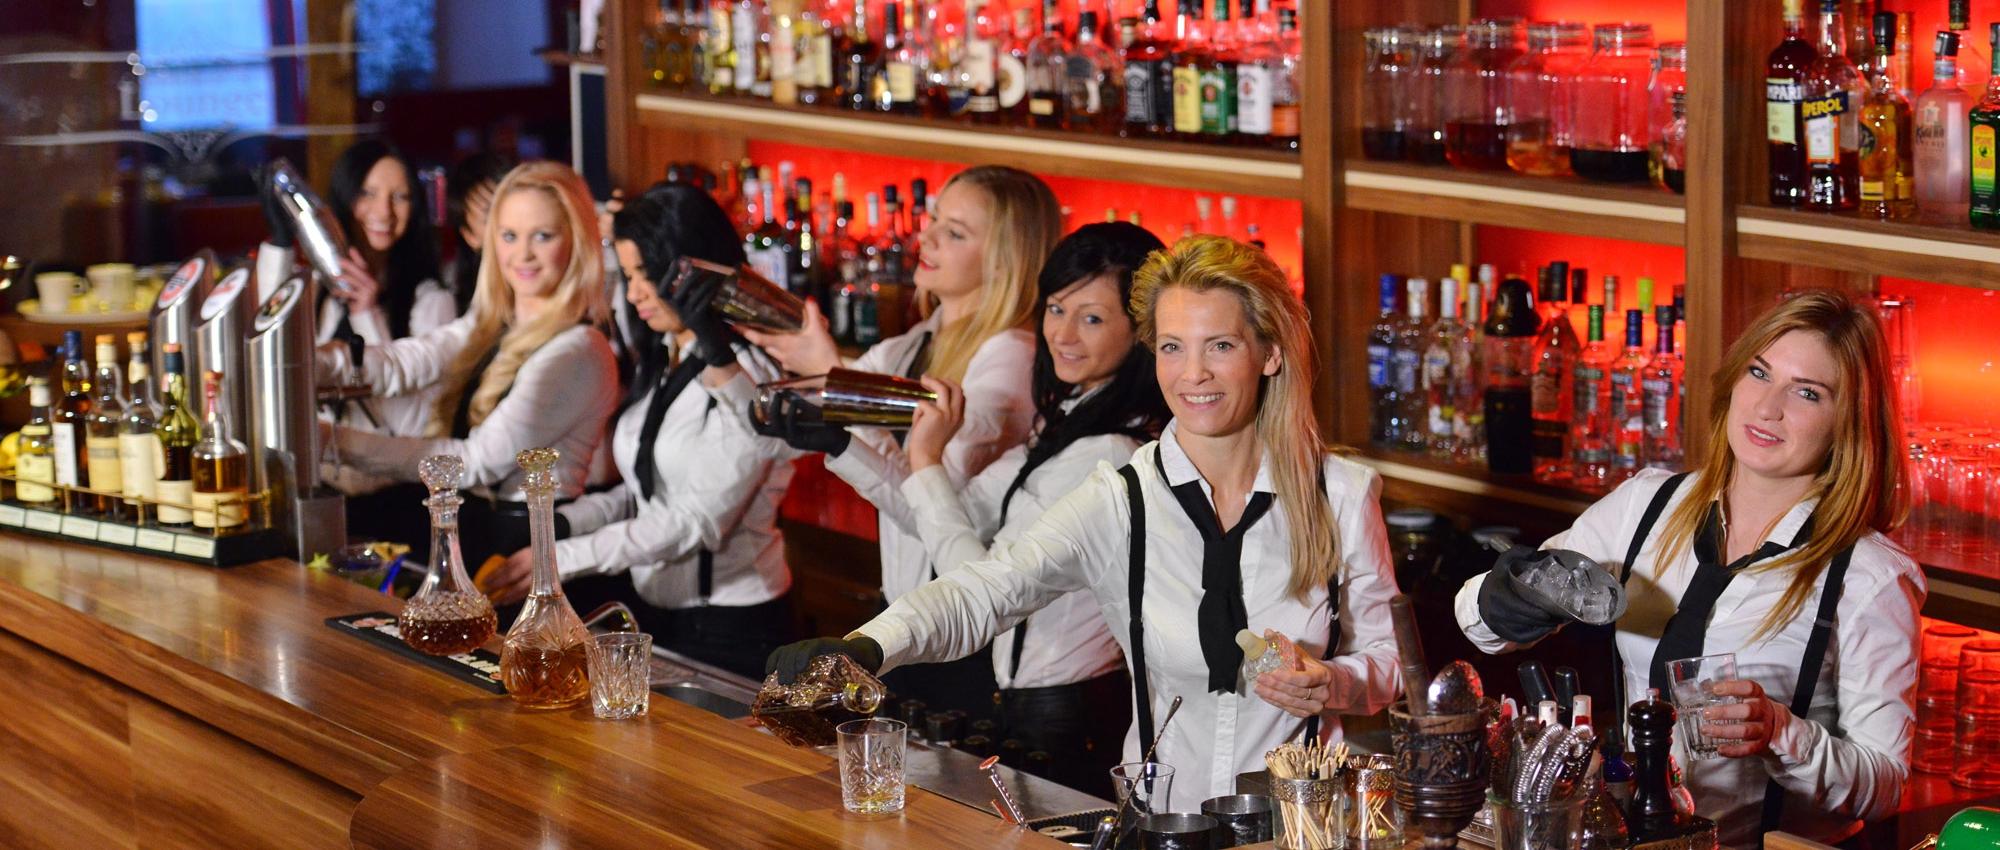 Barkeeperinnen & Barservice